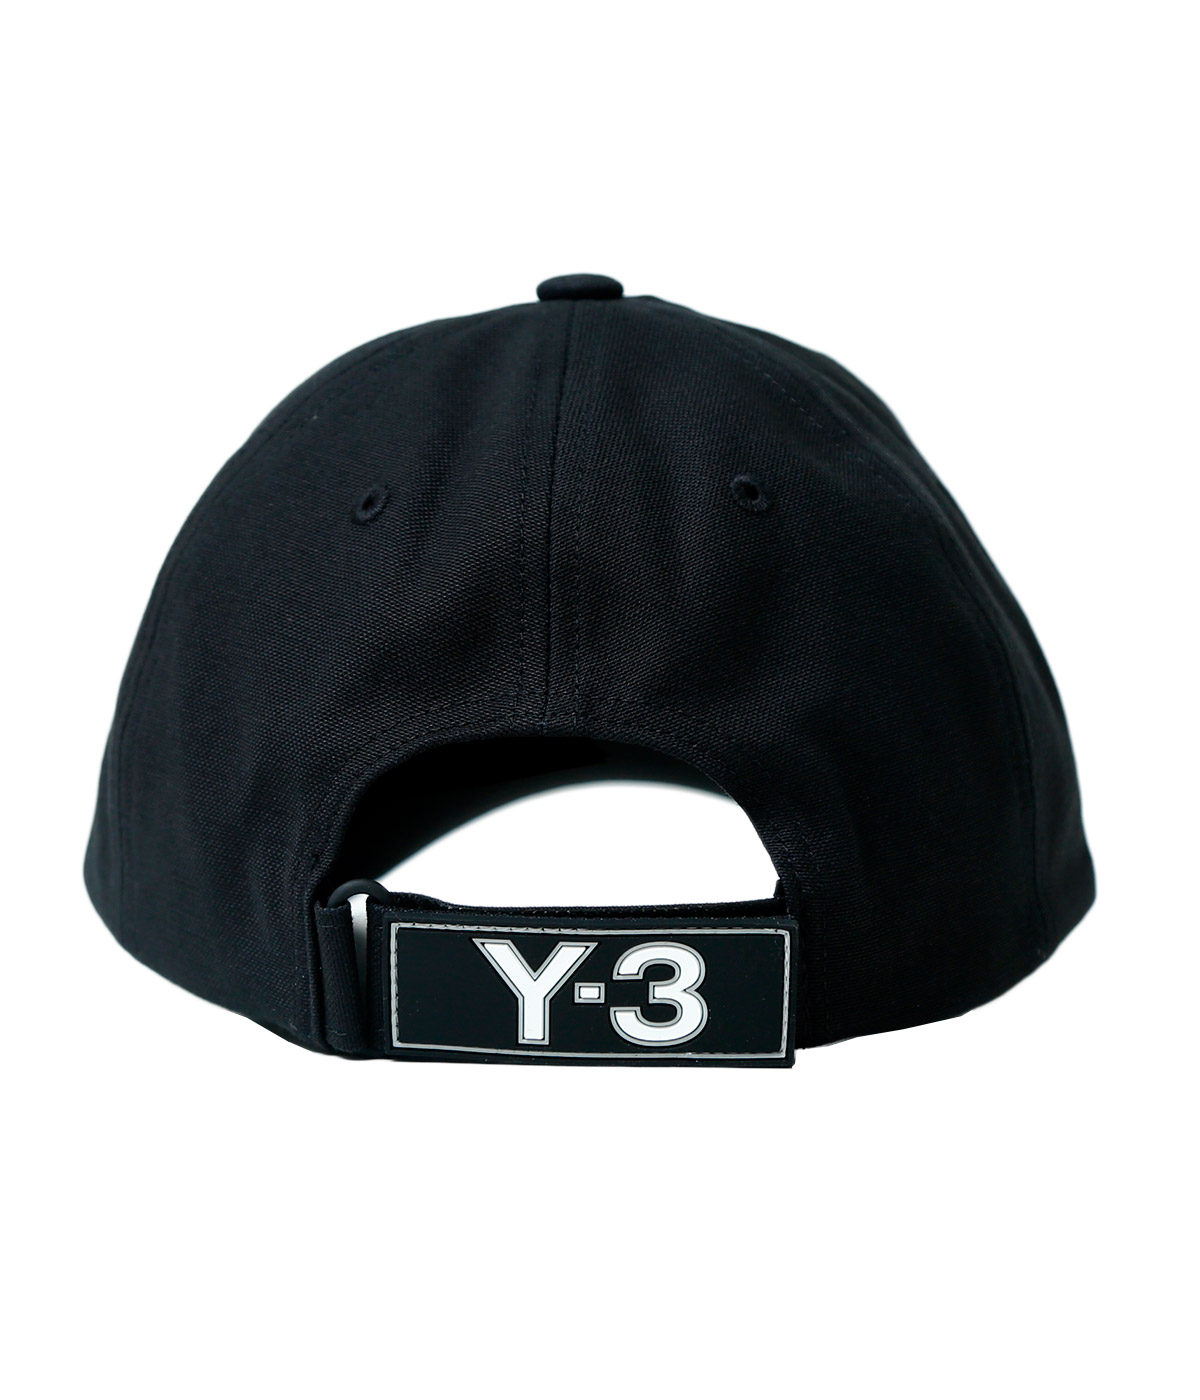 Y-3 CH1 CAP